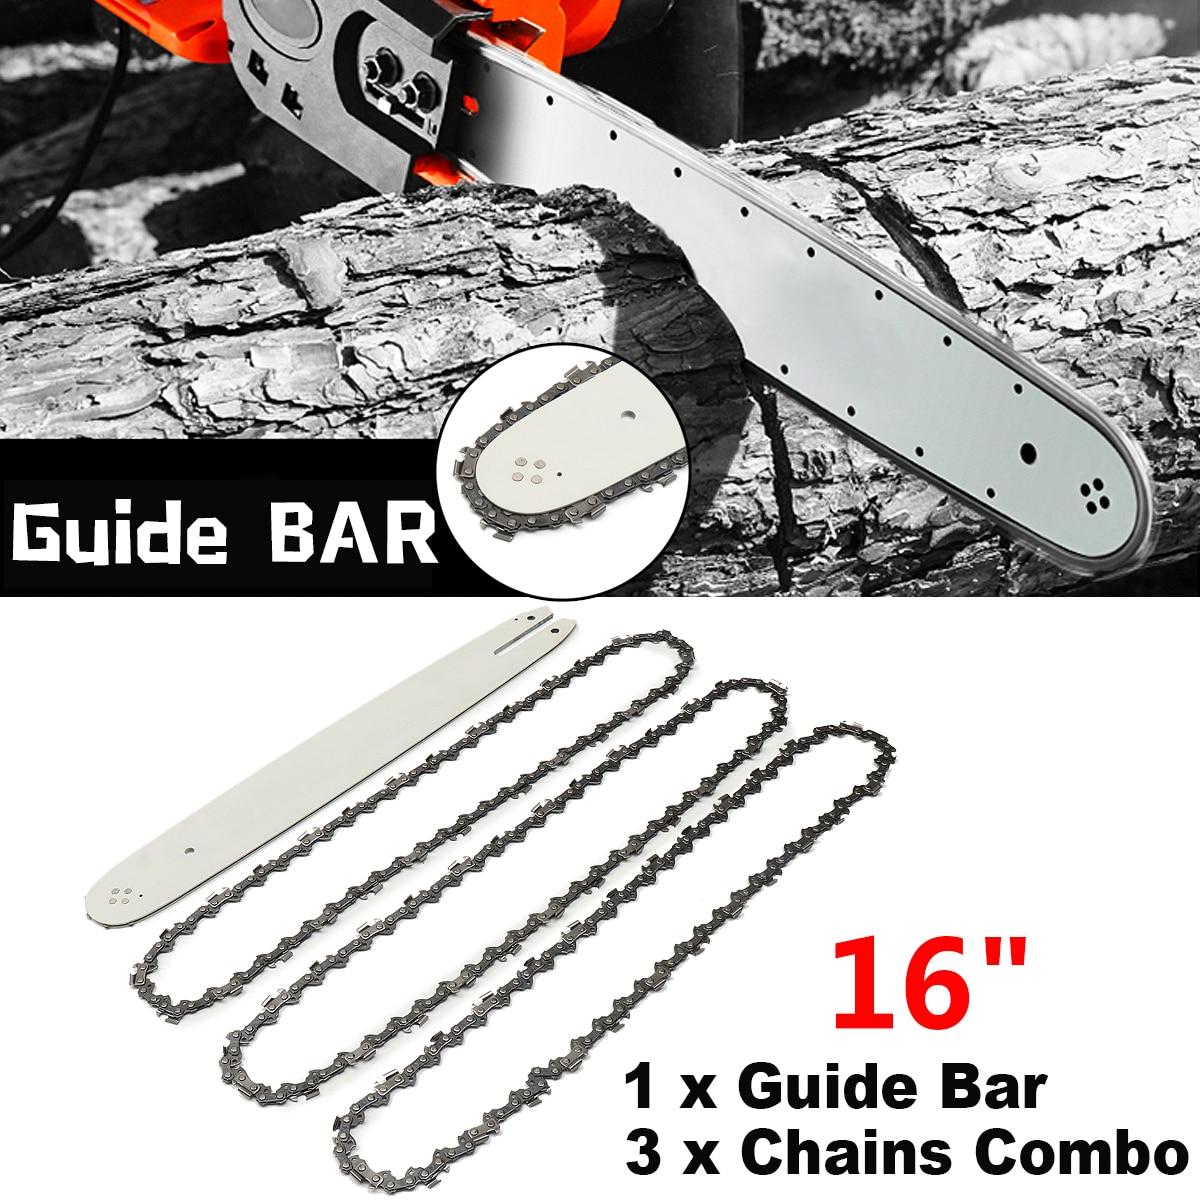 16 pouce Scie À Chaîne Guide Bar avec 3 pcs Chaînes pour STIHL 009 012 021 E180 MS180 MS190 MS250